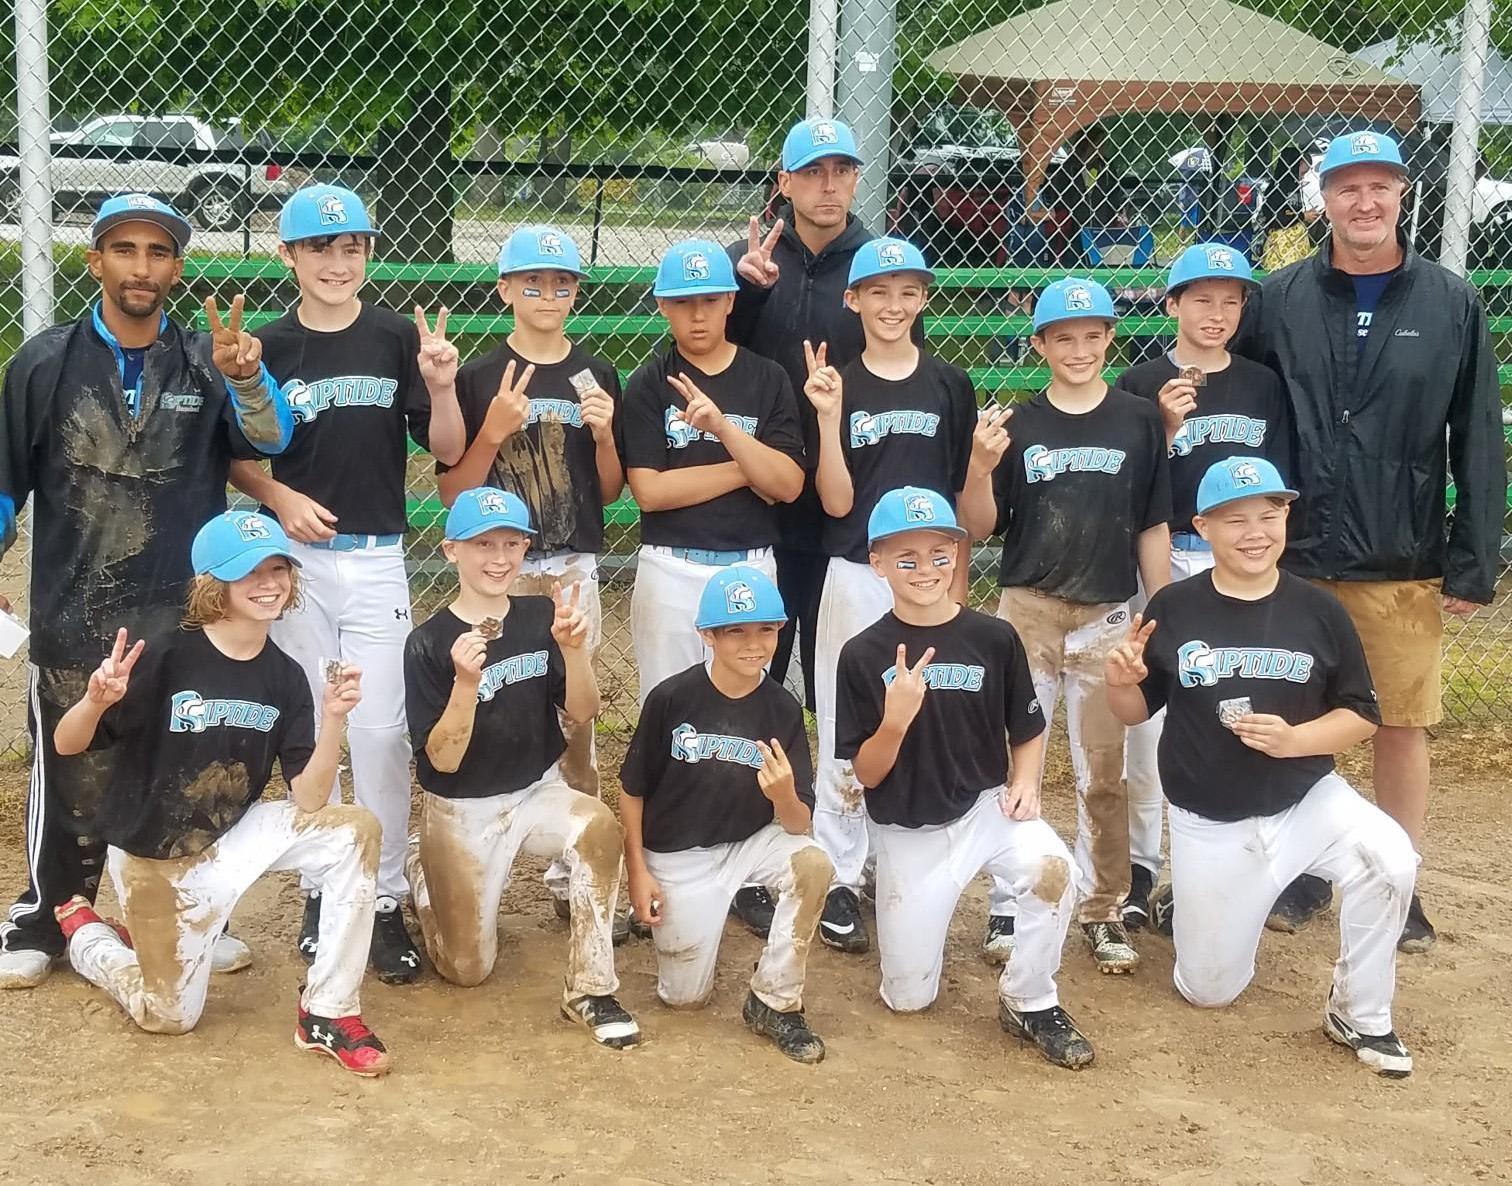 West Michigan Riptide Baseball and Softball